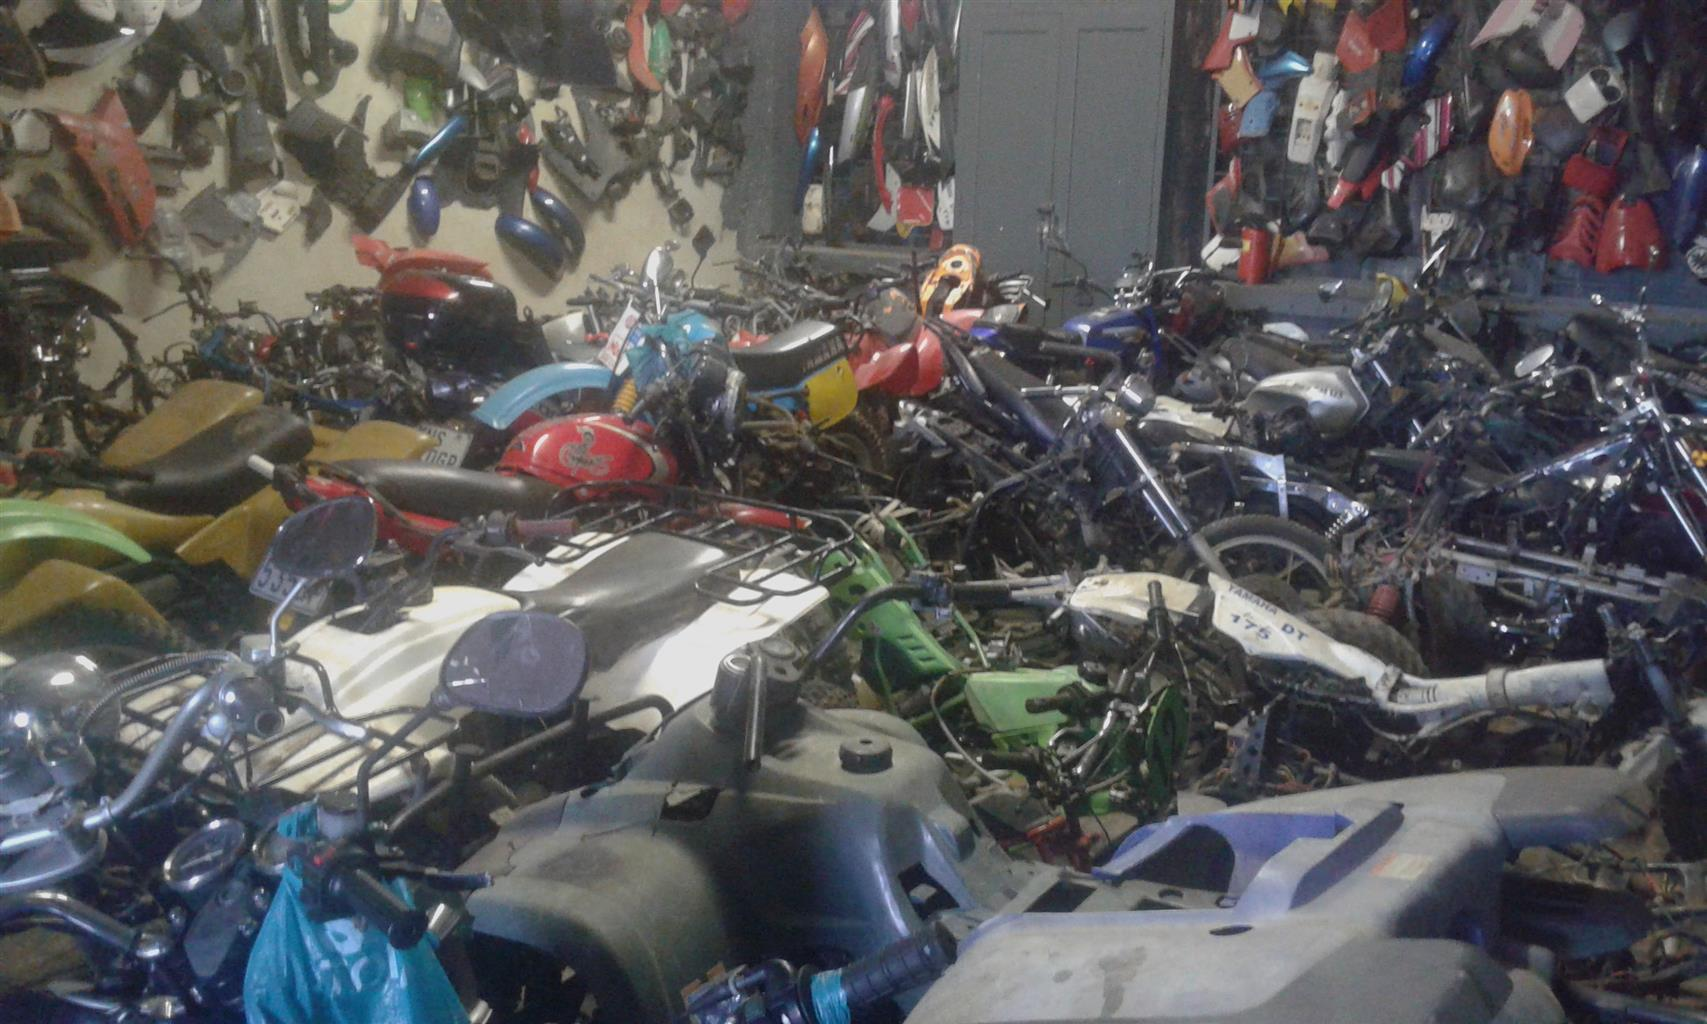 Suzuki DR 500 stripping for spares. Boksburg Bike Scrapyard